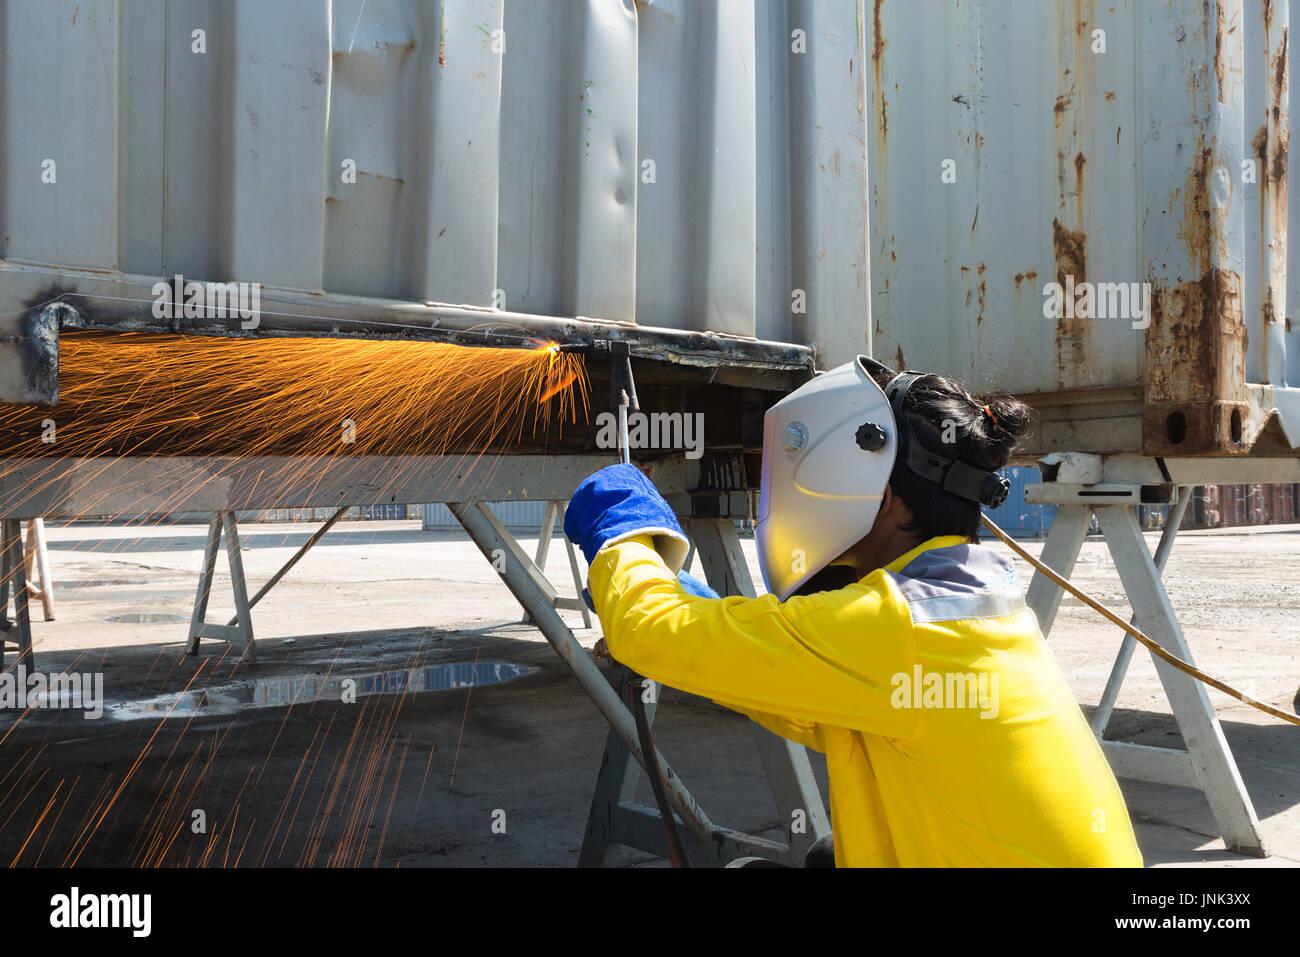 Industrie-Arbeiter mit Schutzmaske Schweißen Stahl Container Strukturen Herstellung Reparatur Werkstatt. Arbeiter in der Fabrik Industrie Schweißen. Stockbild